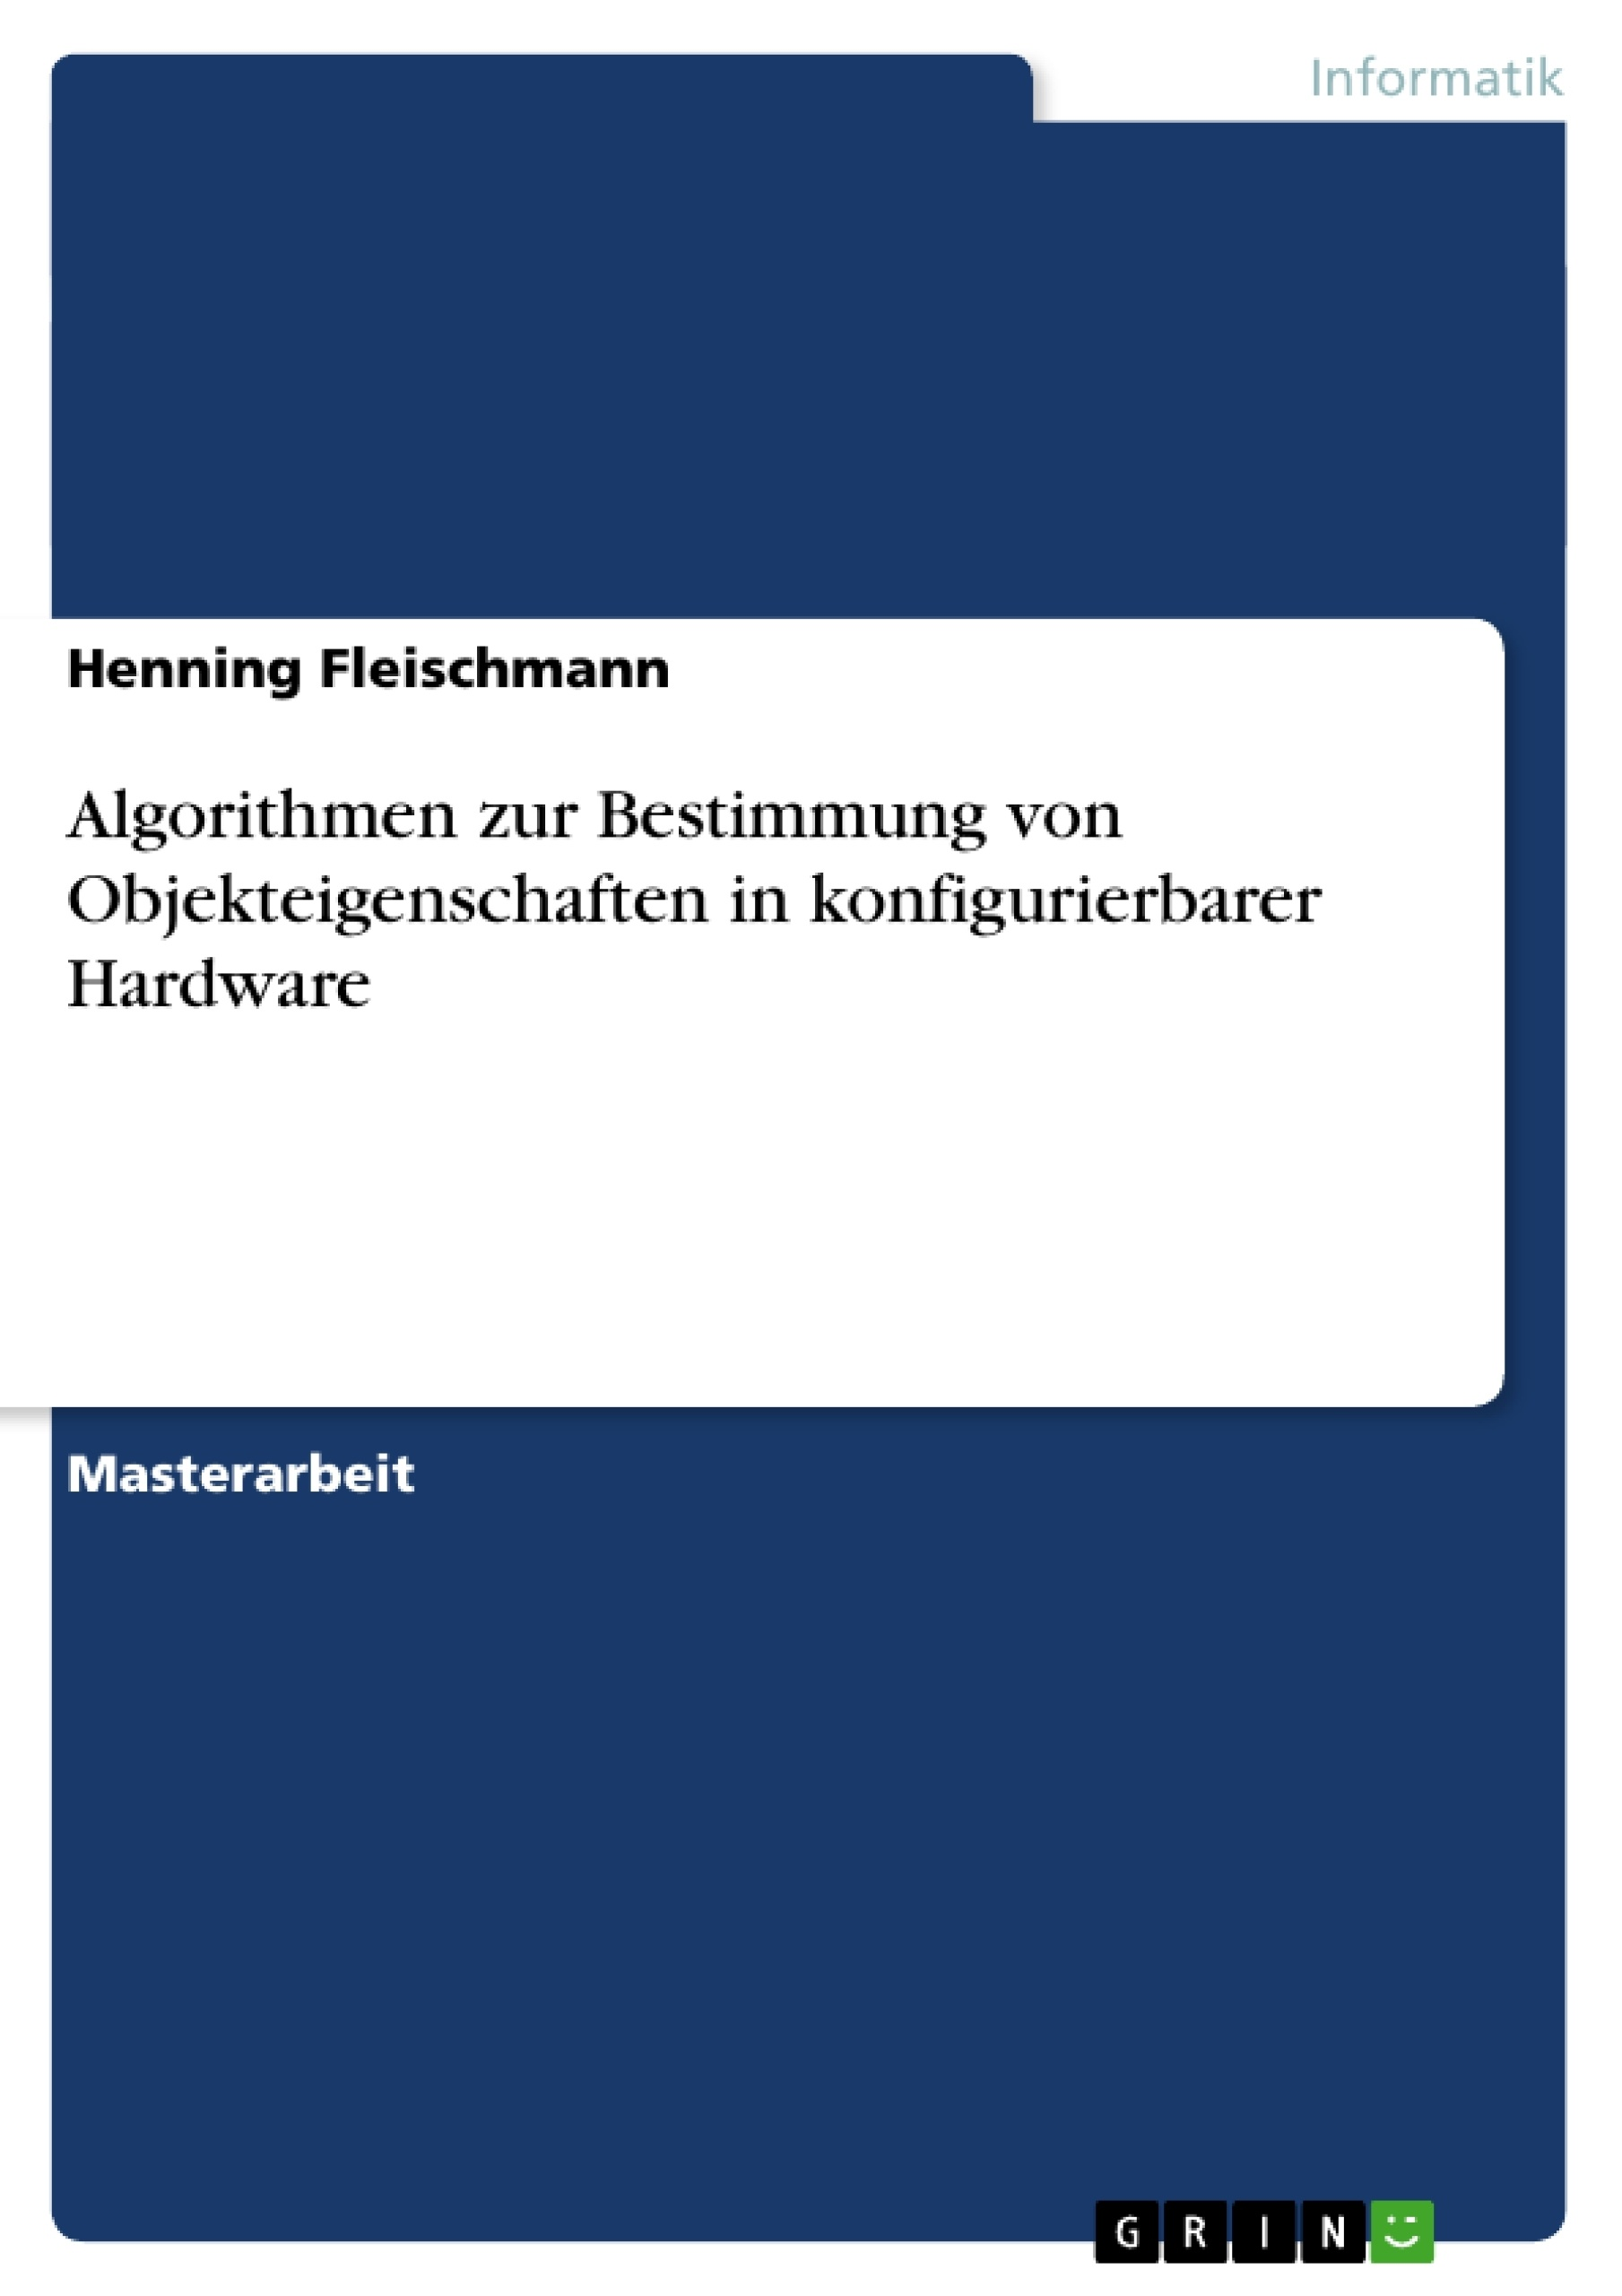 Titel: Algorithmen zur Bestimmung von Objekteigenschaften in konfigurierbarer Hardware